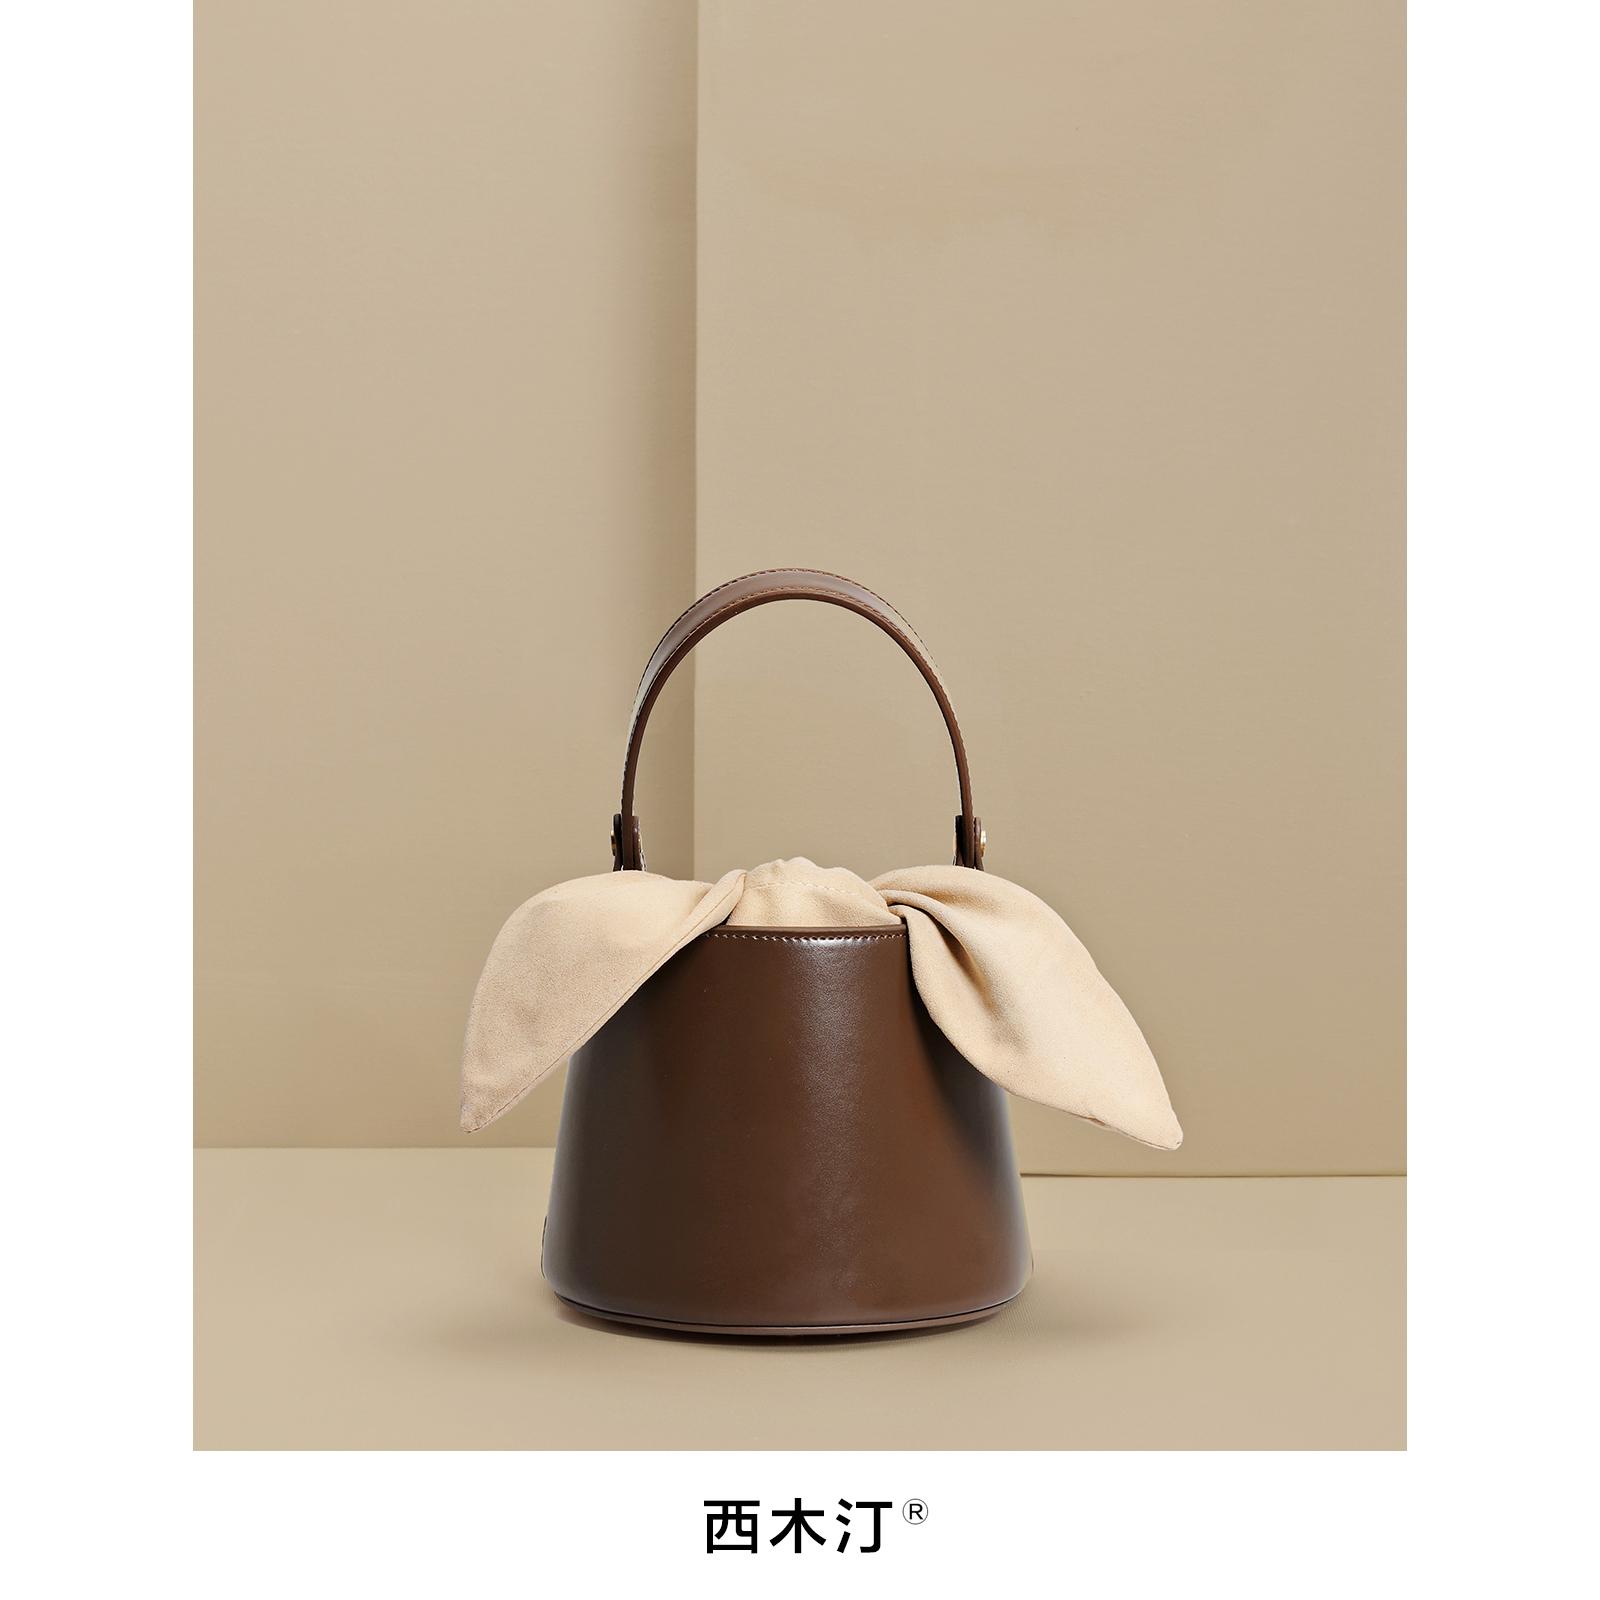 黑色手提包 【西木汀】小众设计师品牌包水桶包包女2020新款小包单肩斜挎手提_推荐淘宝好看的黑色手提包